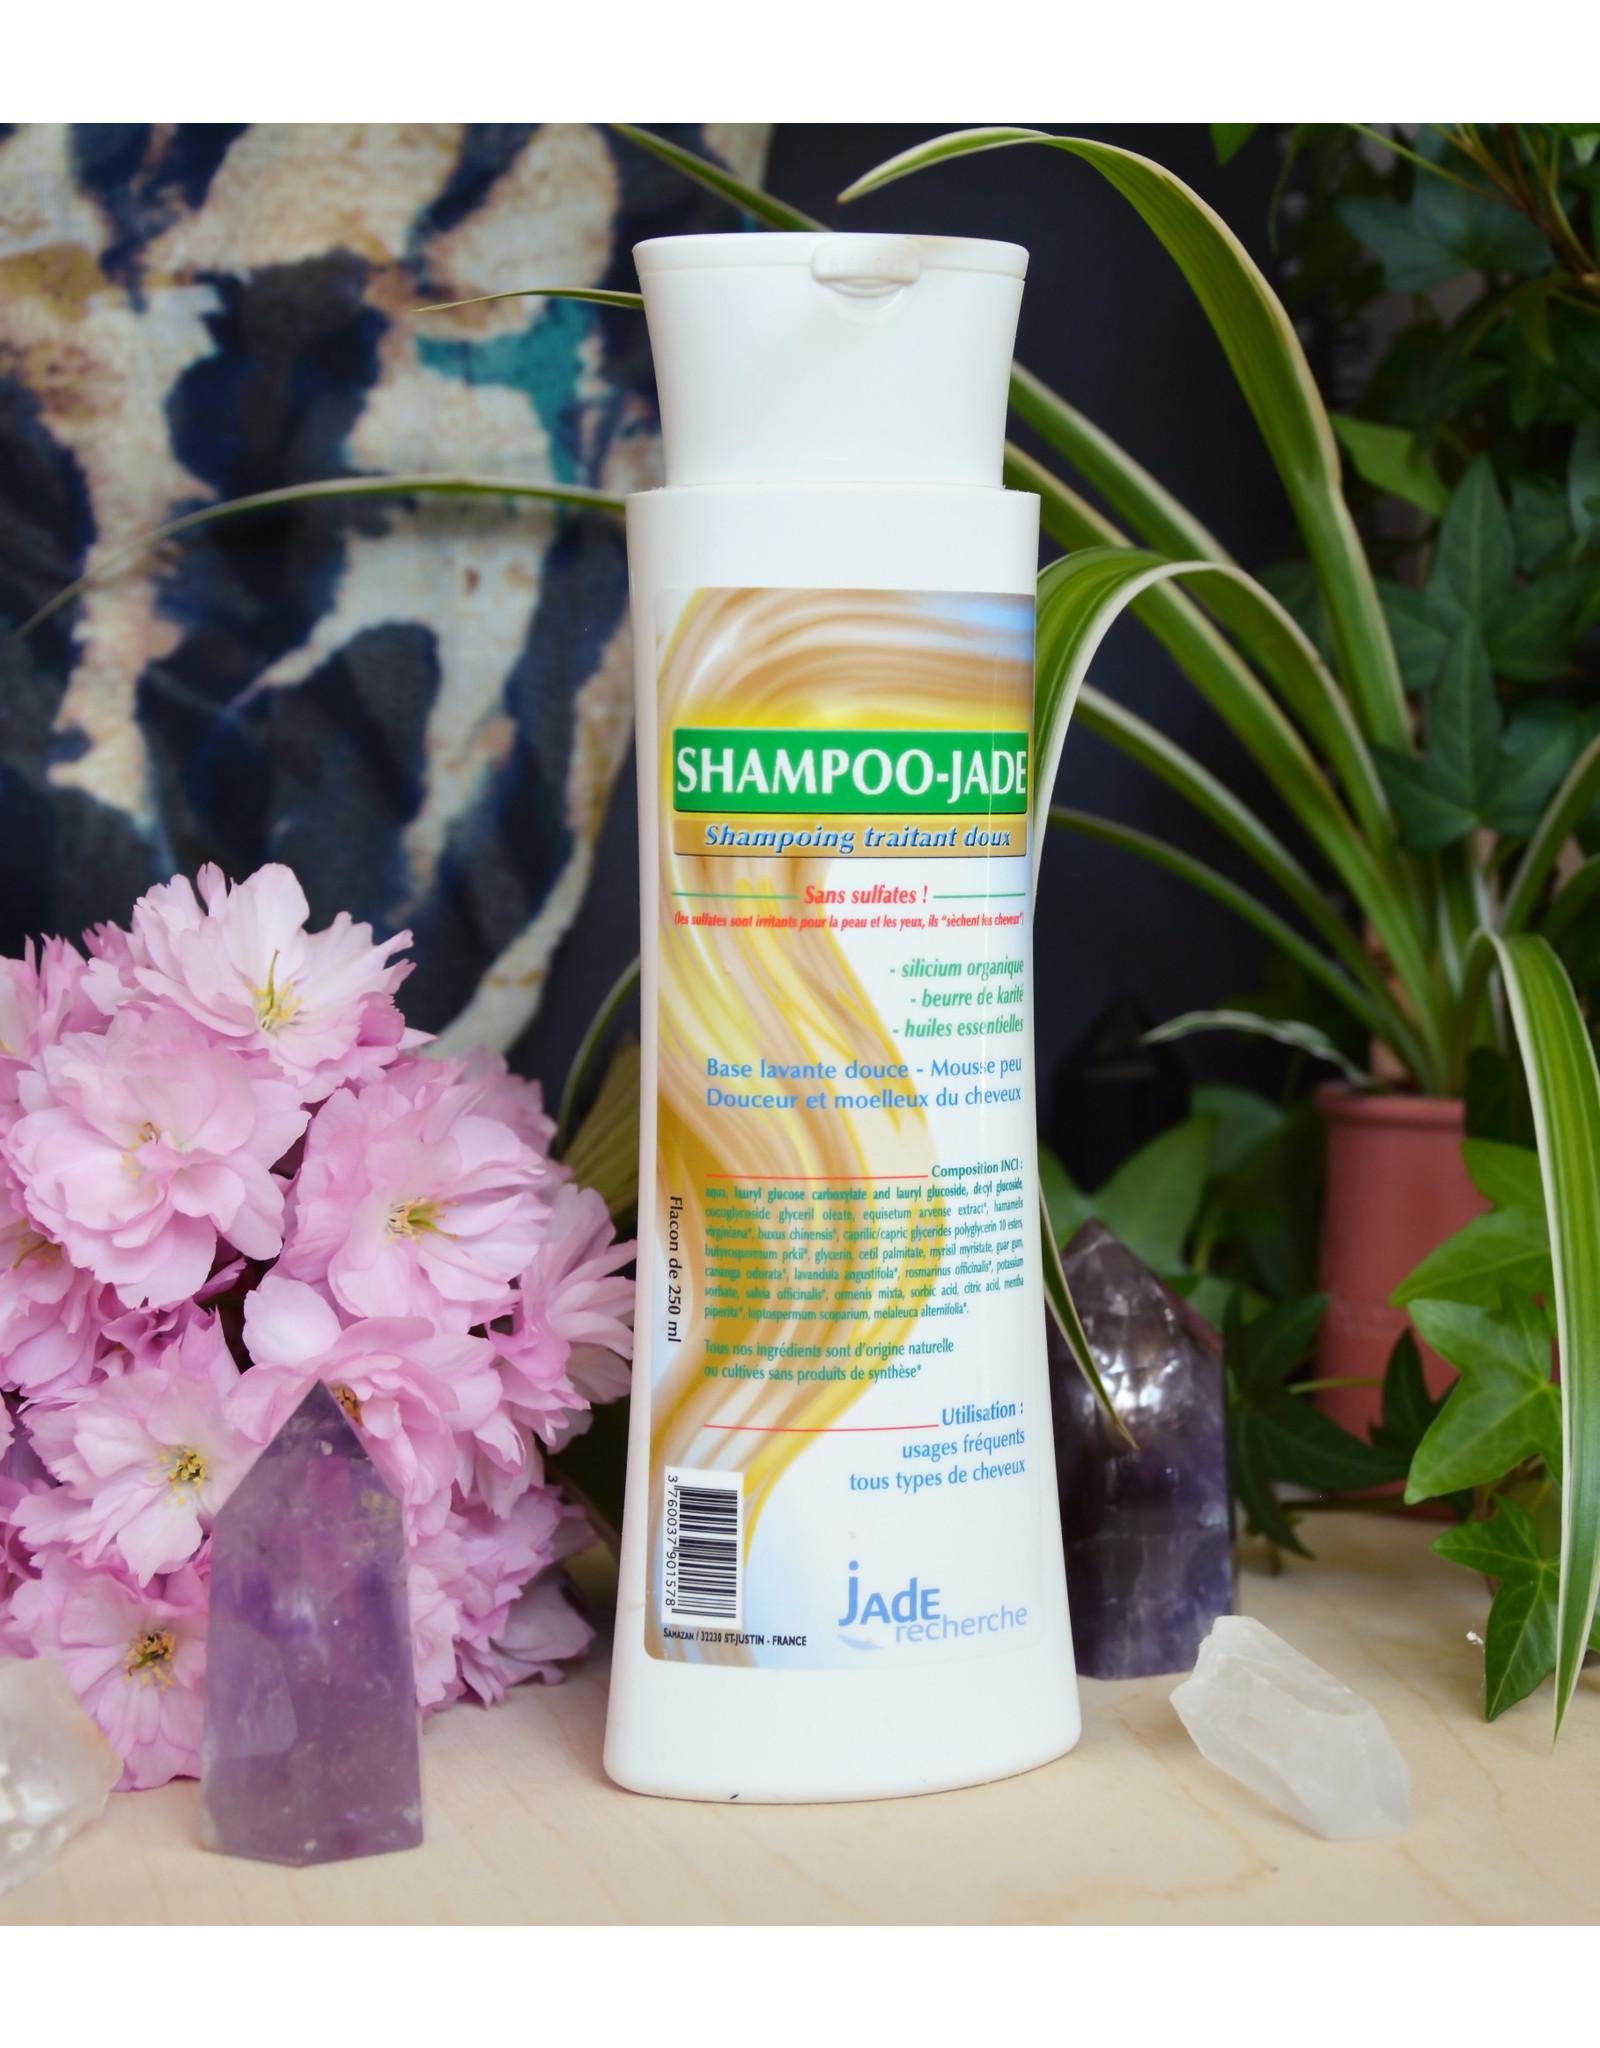 jade recherche Shampooing jade